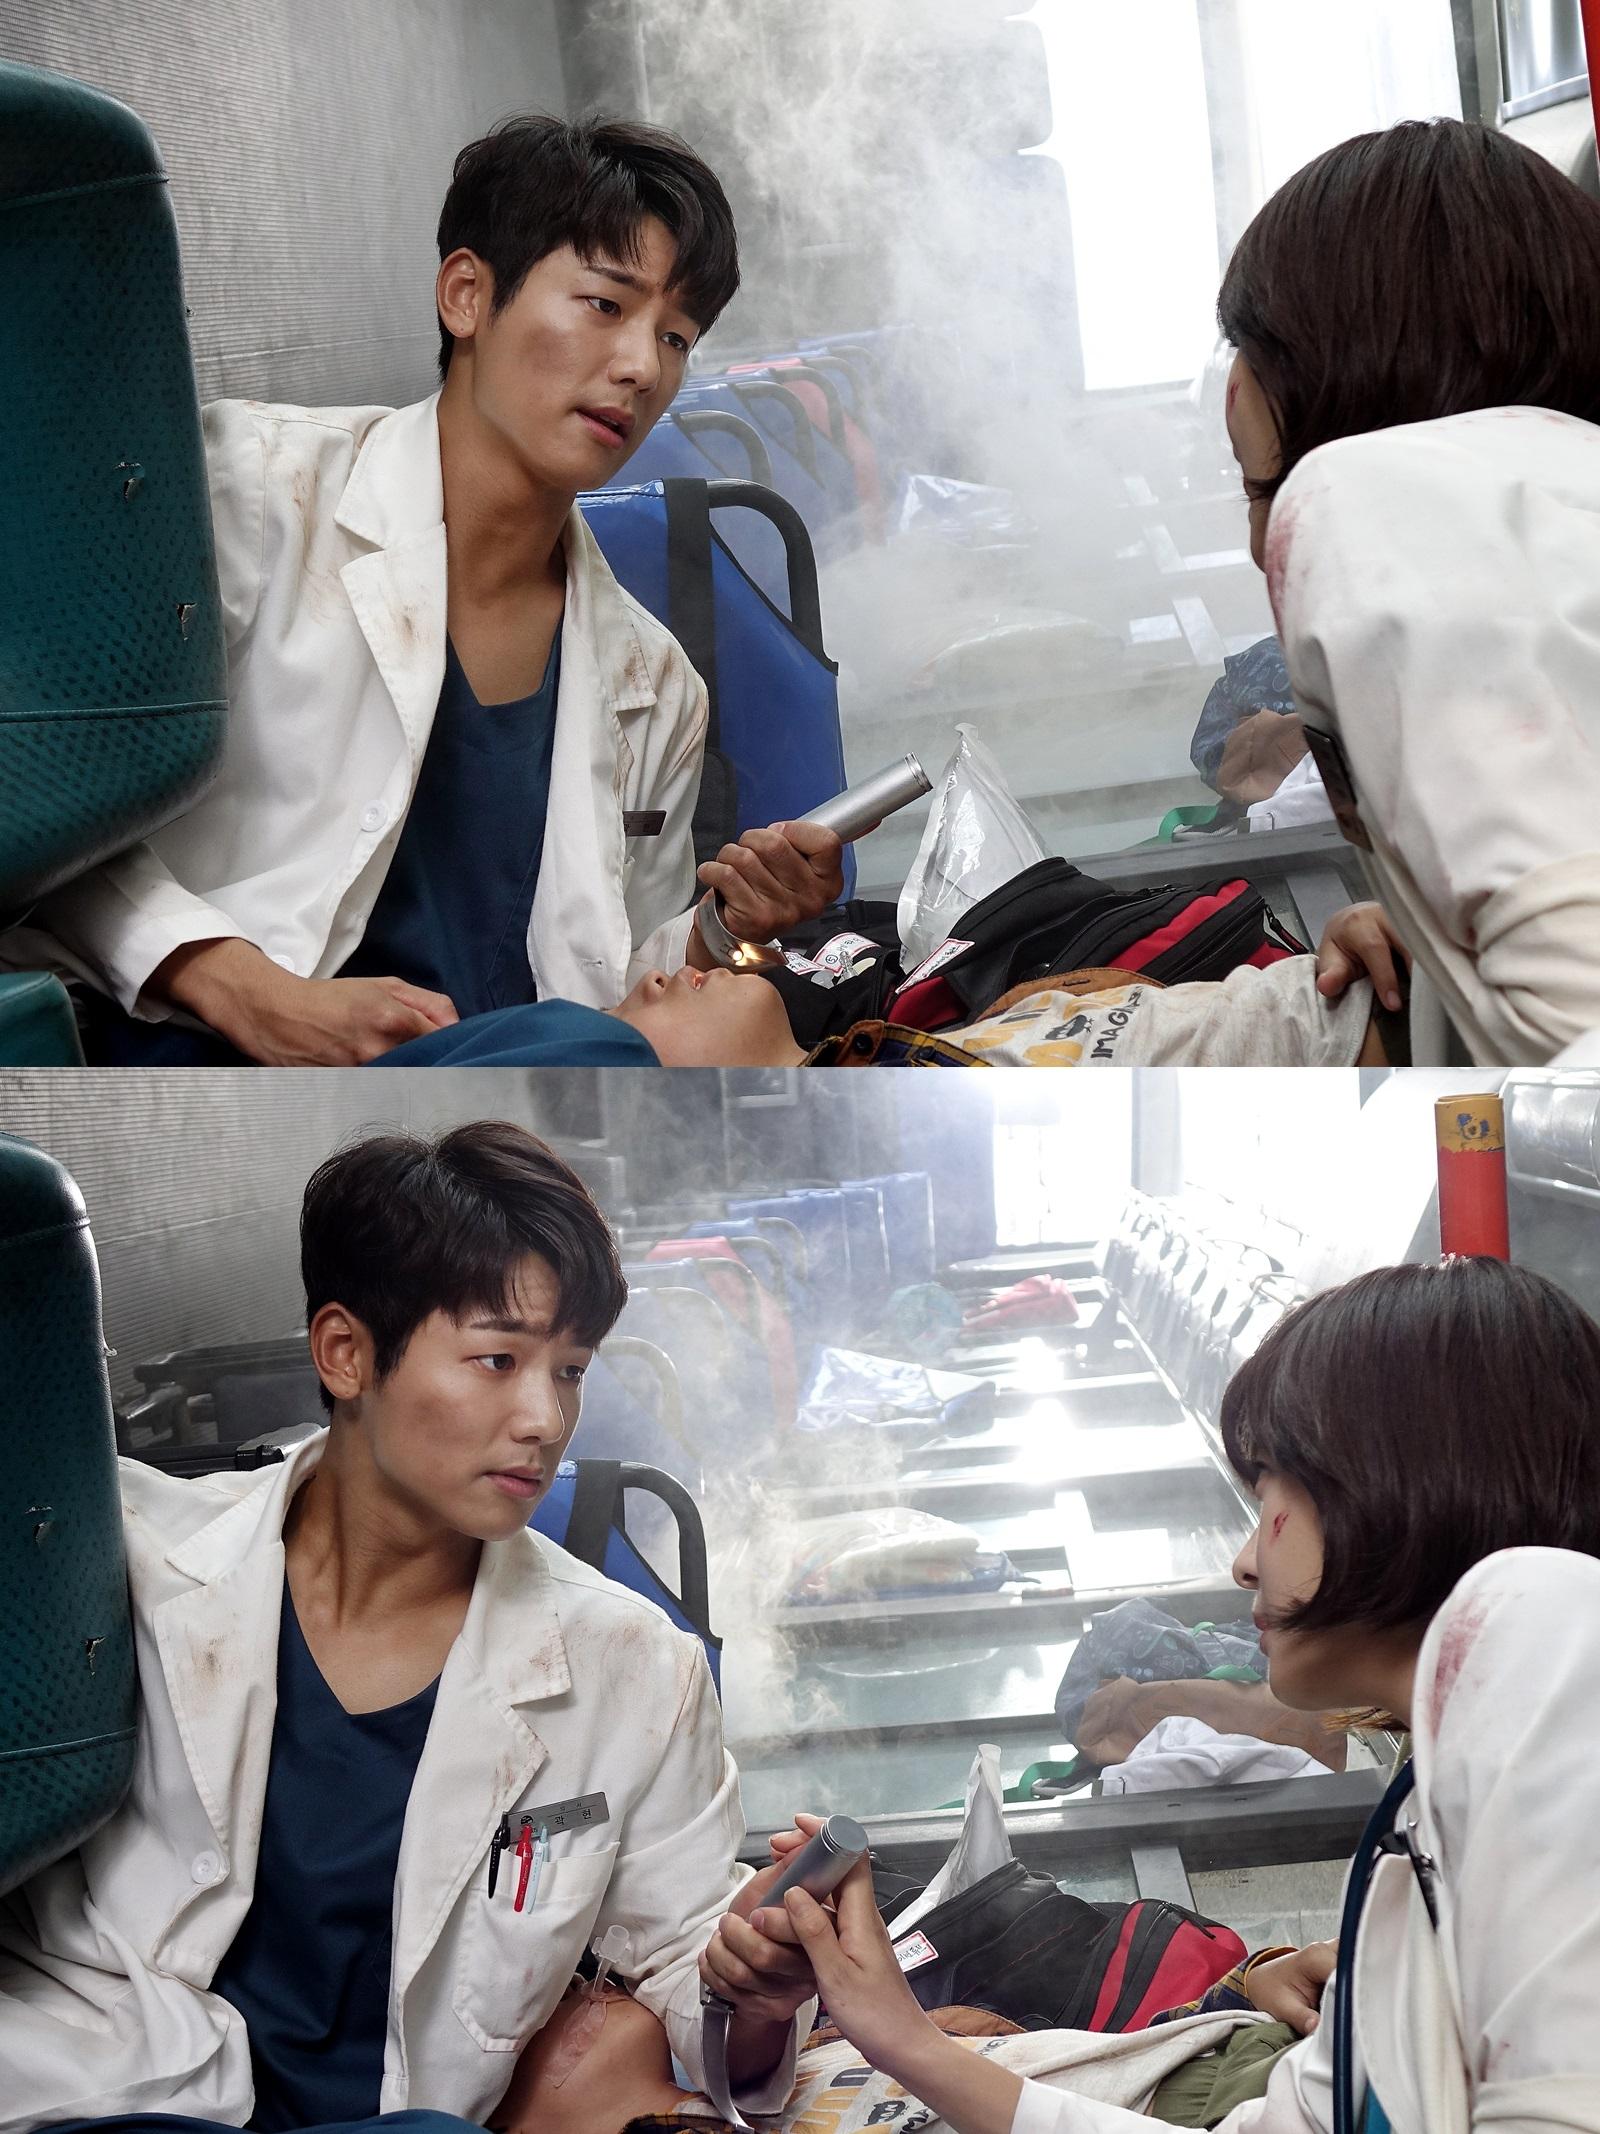 <병원선> 하지원-강민혁, 버스 전복사고 휘말렸다 '협진 시작?' 이미지-1